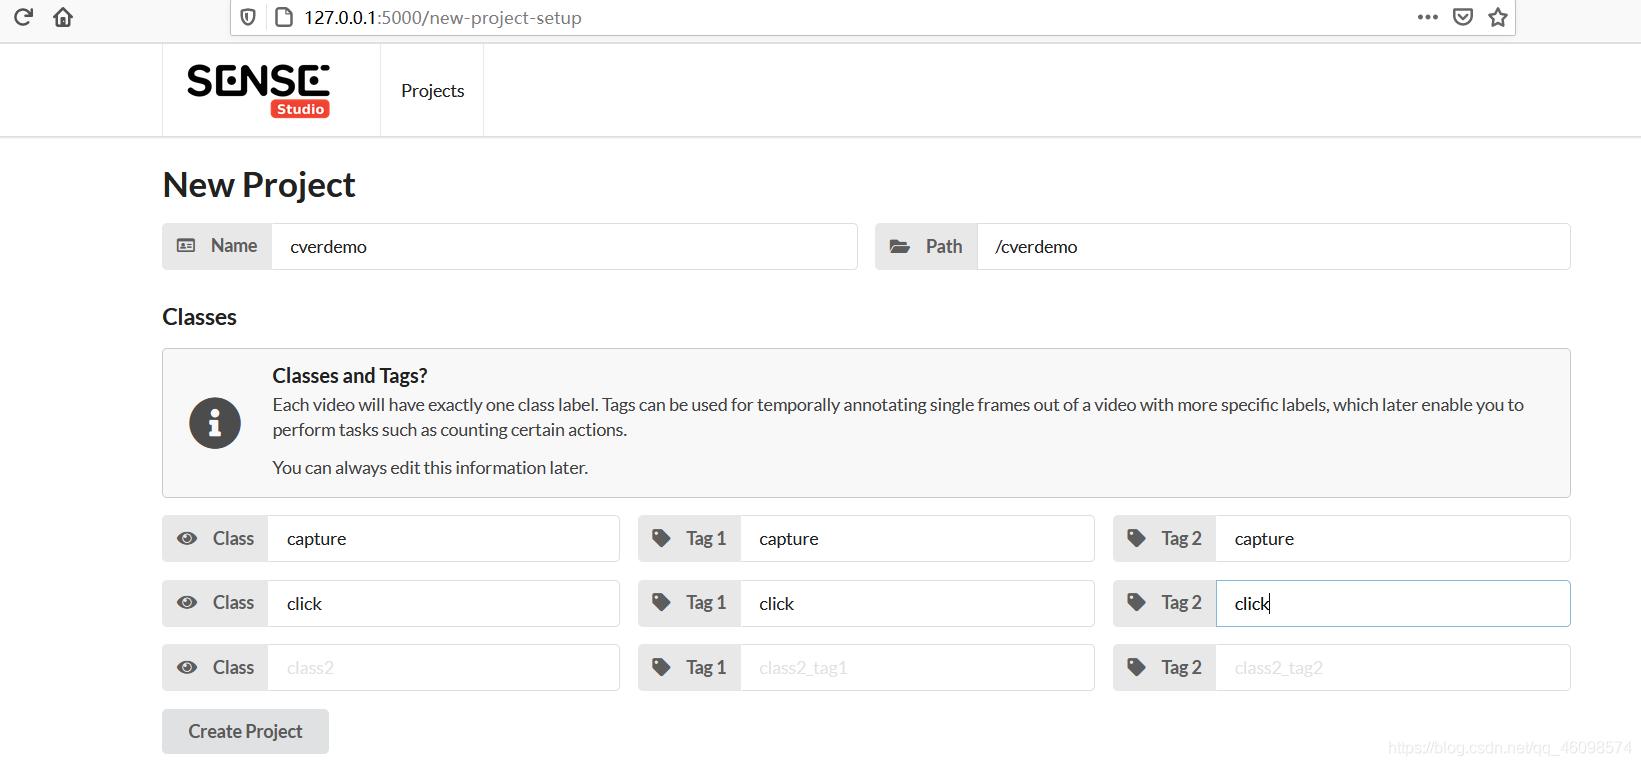 [外链图片转存失败,源站可能有防盗链机制,建议将图片保存下来直接上传(img-Dp8HRoE2-1614669575244)(./sense\1614658272219.png)]